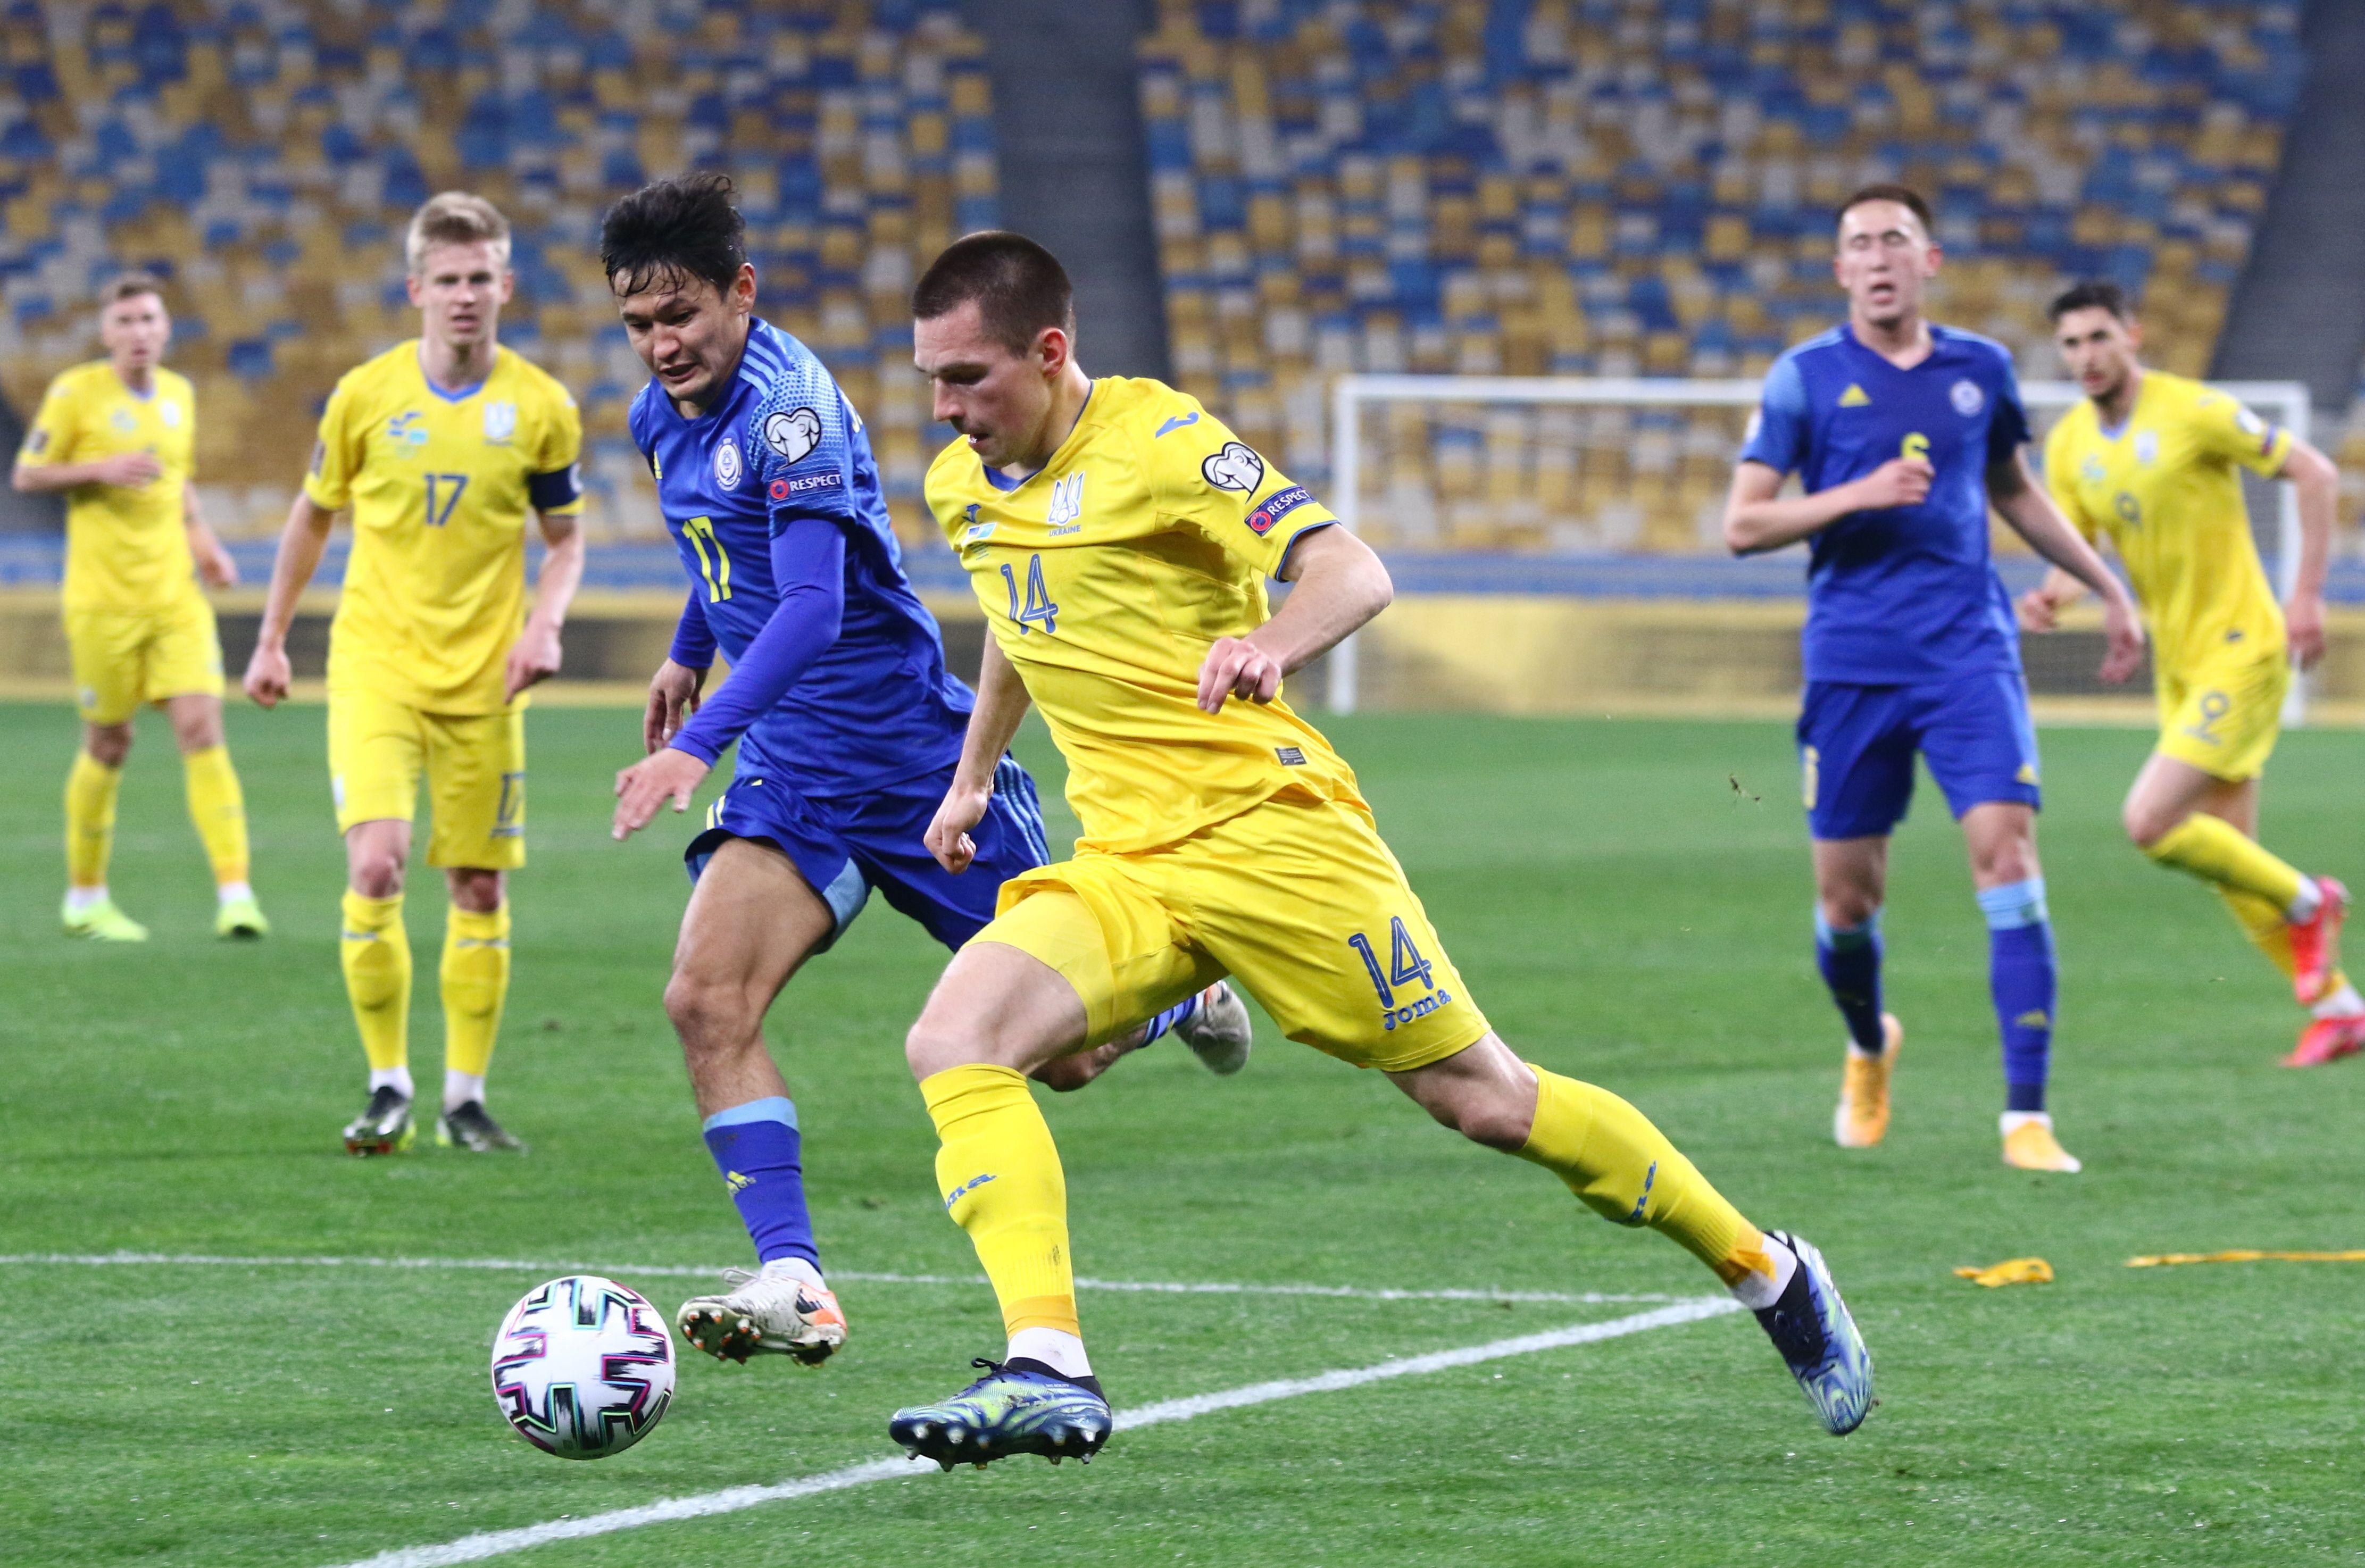 Отбор к ЧМ-2022. Украина - Казахстан 1:1. Насмешили, или Наказание за расхлябанность - изображение 1